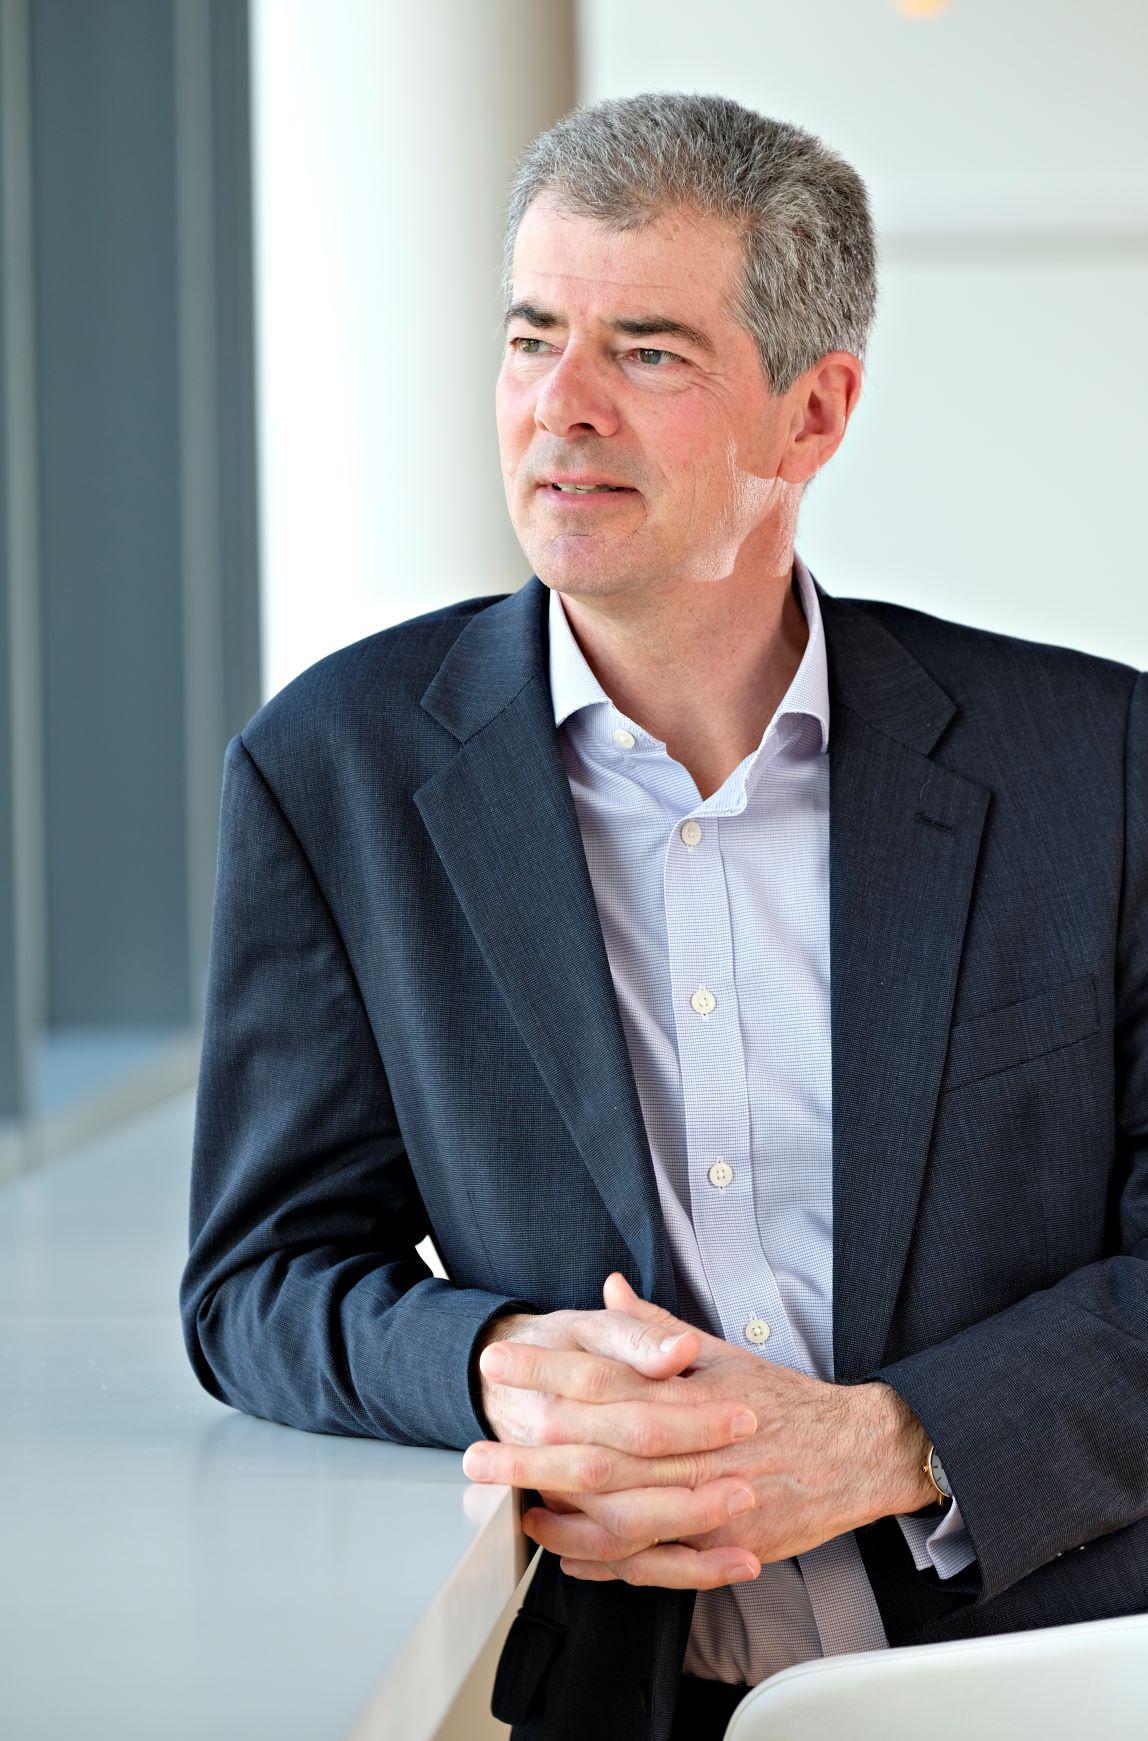 Professor Michael Capaldi